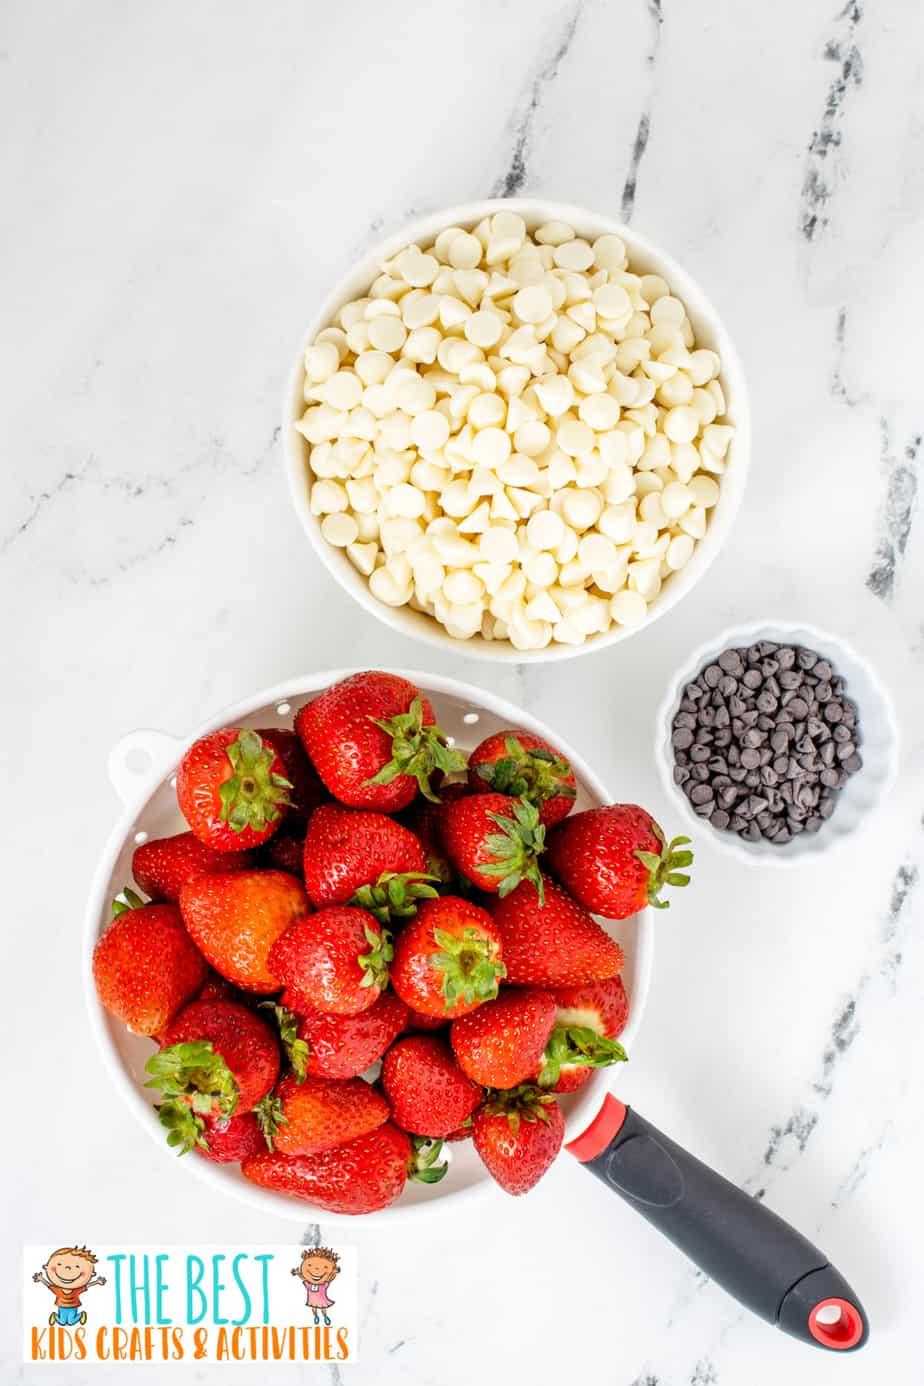 Ghost Strawberries ingredients